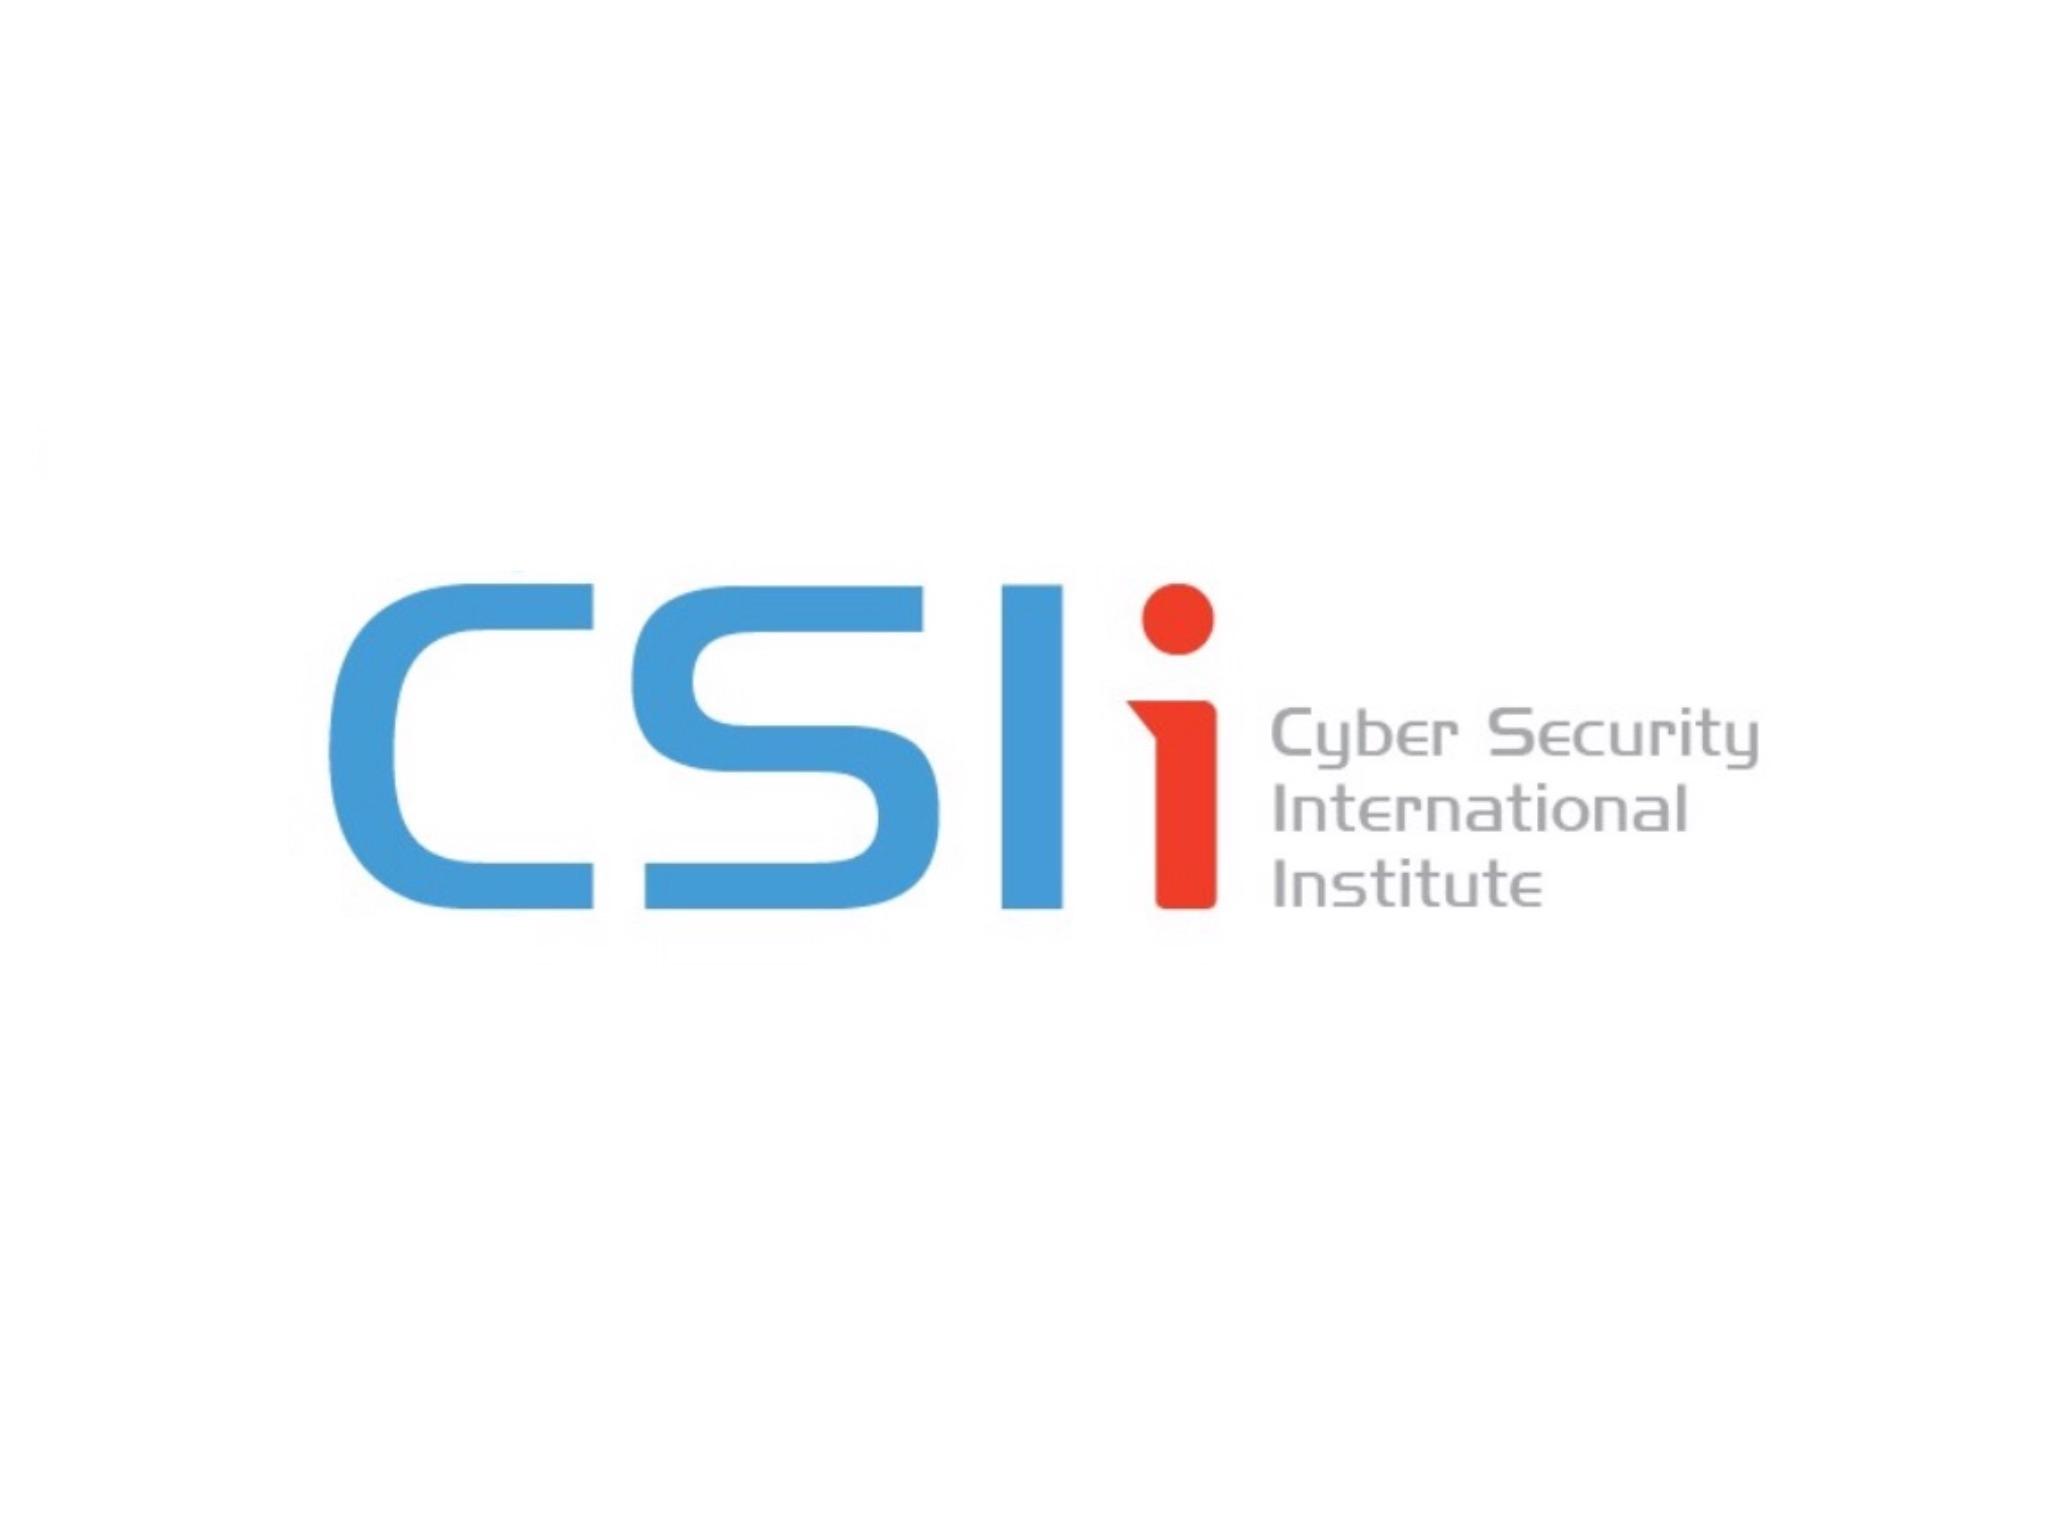 Δελτίο Τύπου: H απάντηση του CSI Institute σε όσους απαξιώνουν αναιτιολόγητα τις καταγγελίες των γονέων σχετικά με το φαινόμενο Galindo